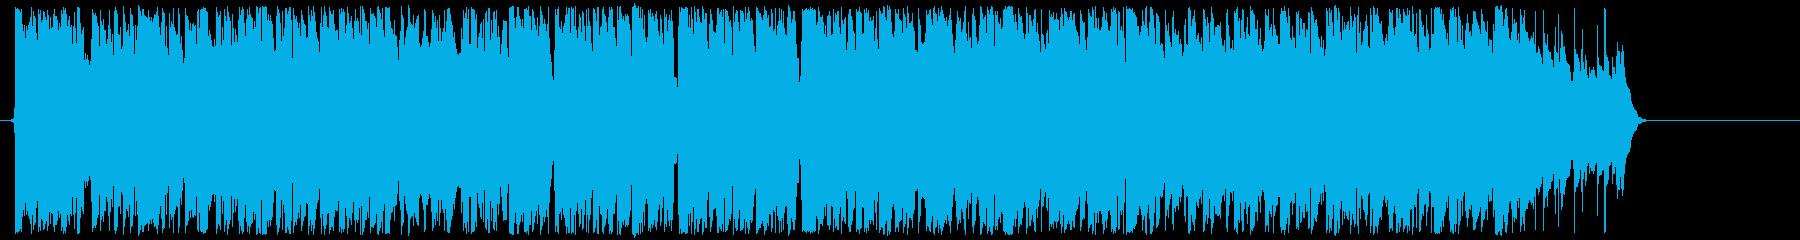 不良をイメージしたワイルドなロックの再生済みの波形